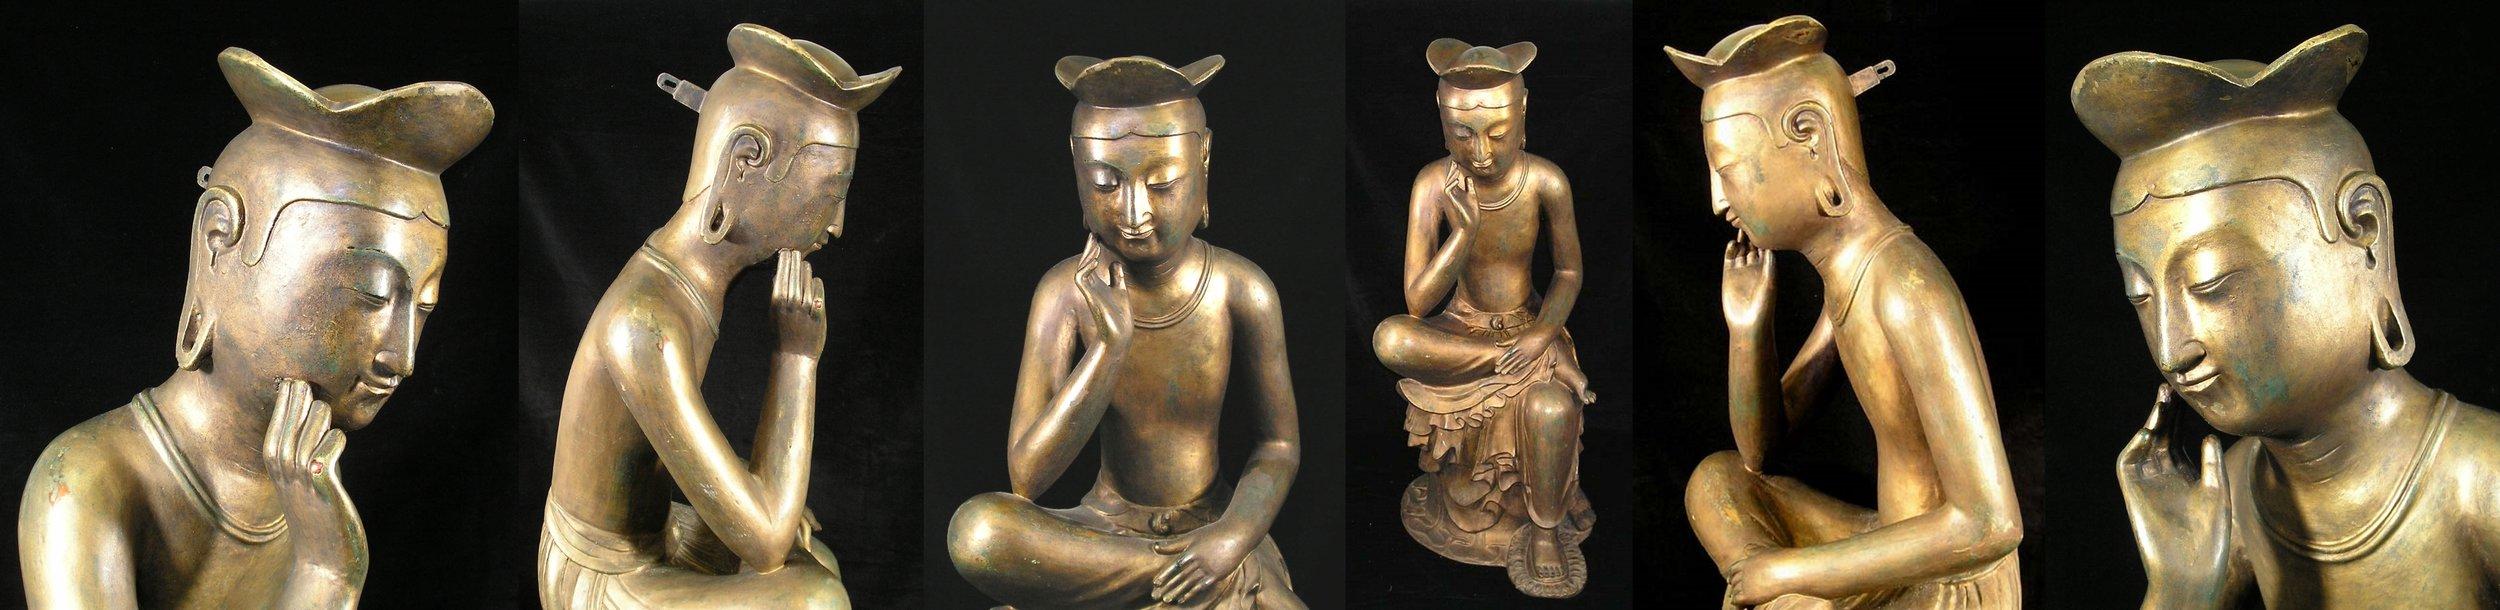 Buddha Merge.jpg